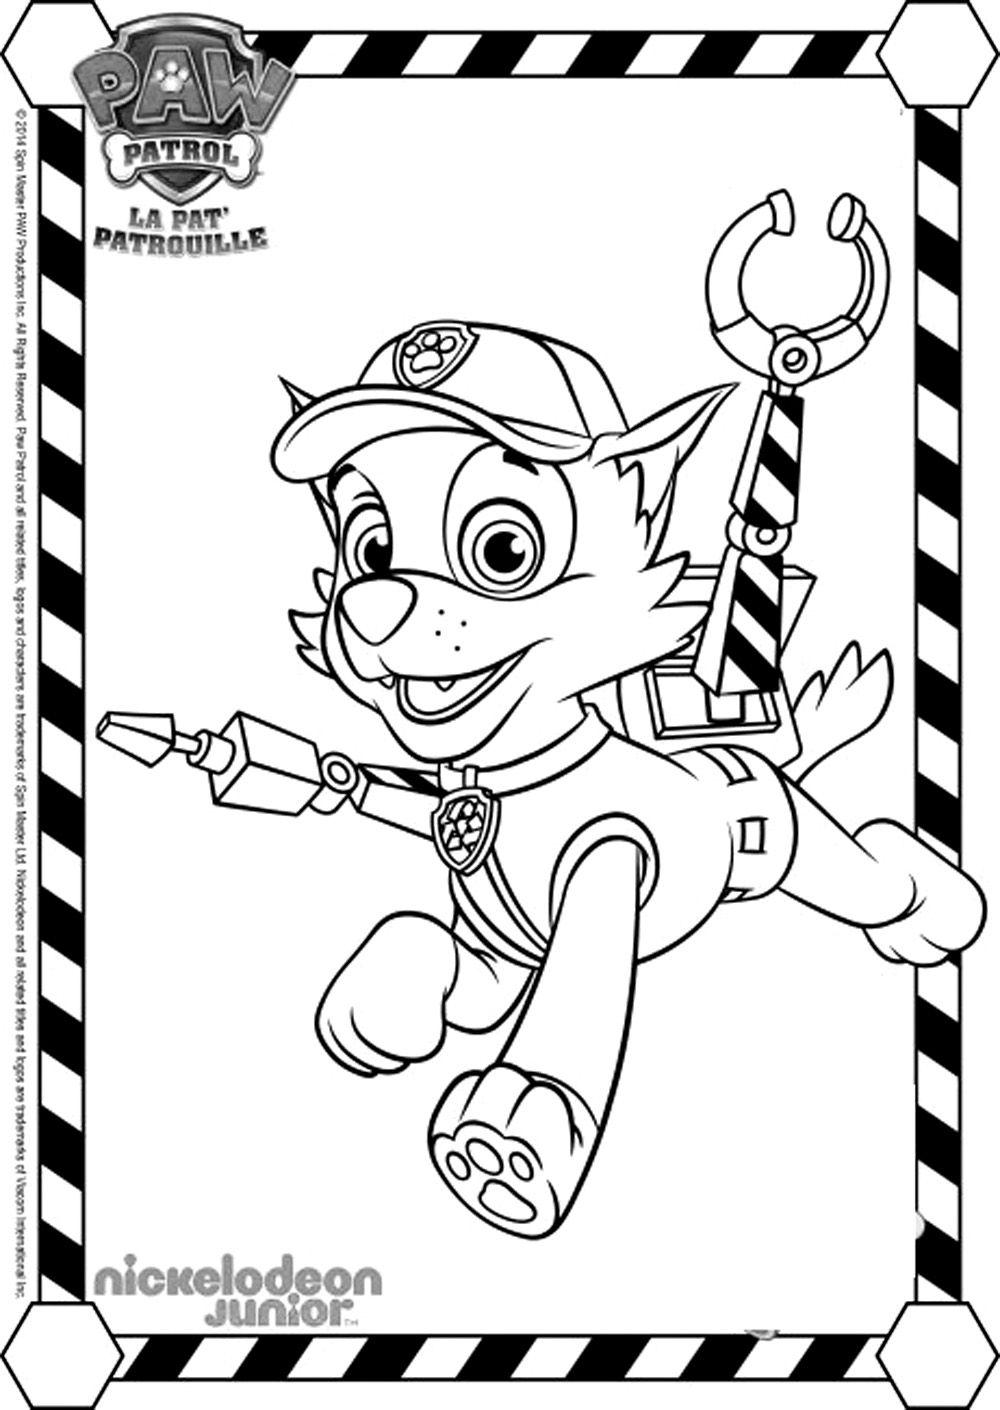 Pour imprimer ce coloriage gratuit coloriage pat patrouille rocky 3